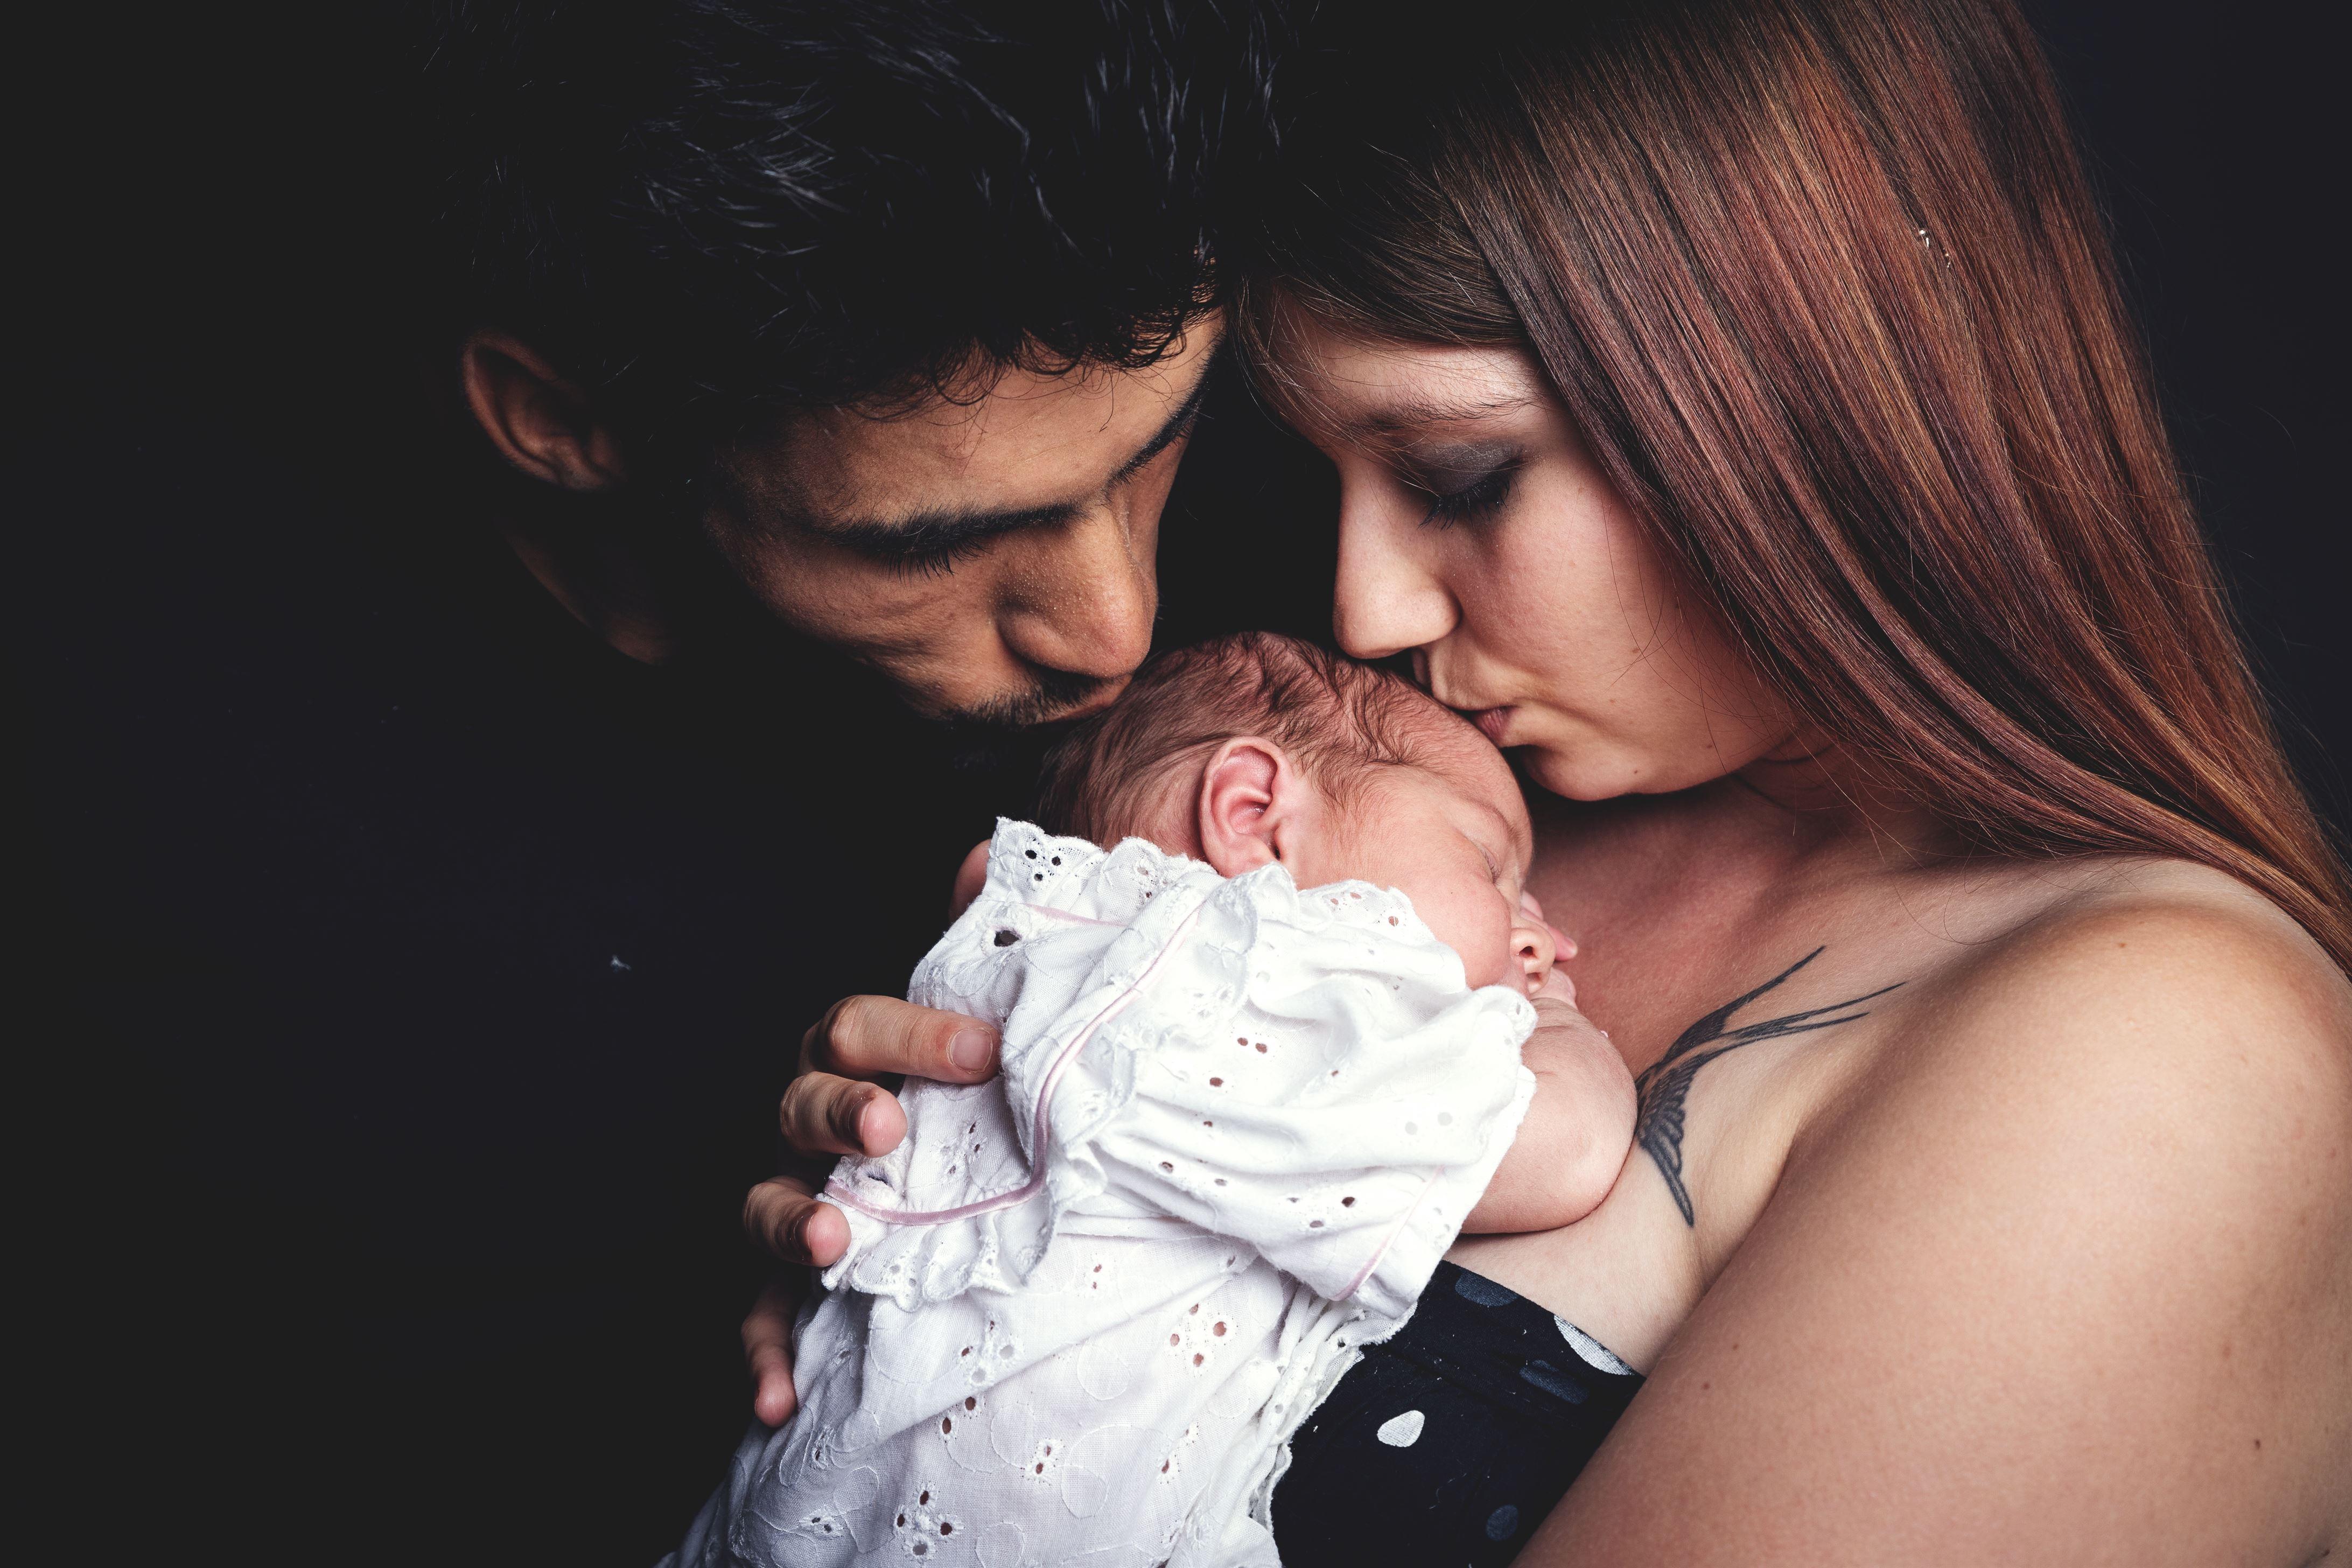 prestations/naissance/yIklSYyMWs.jpg